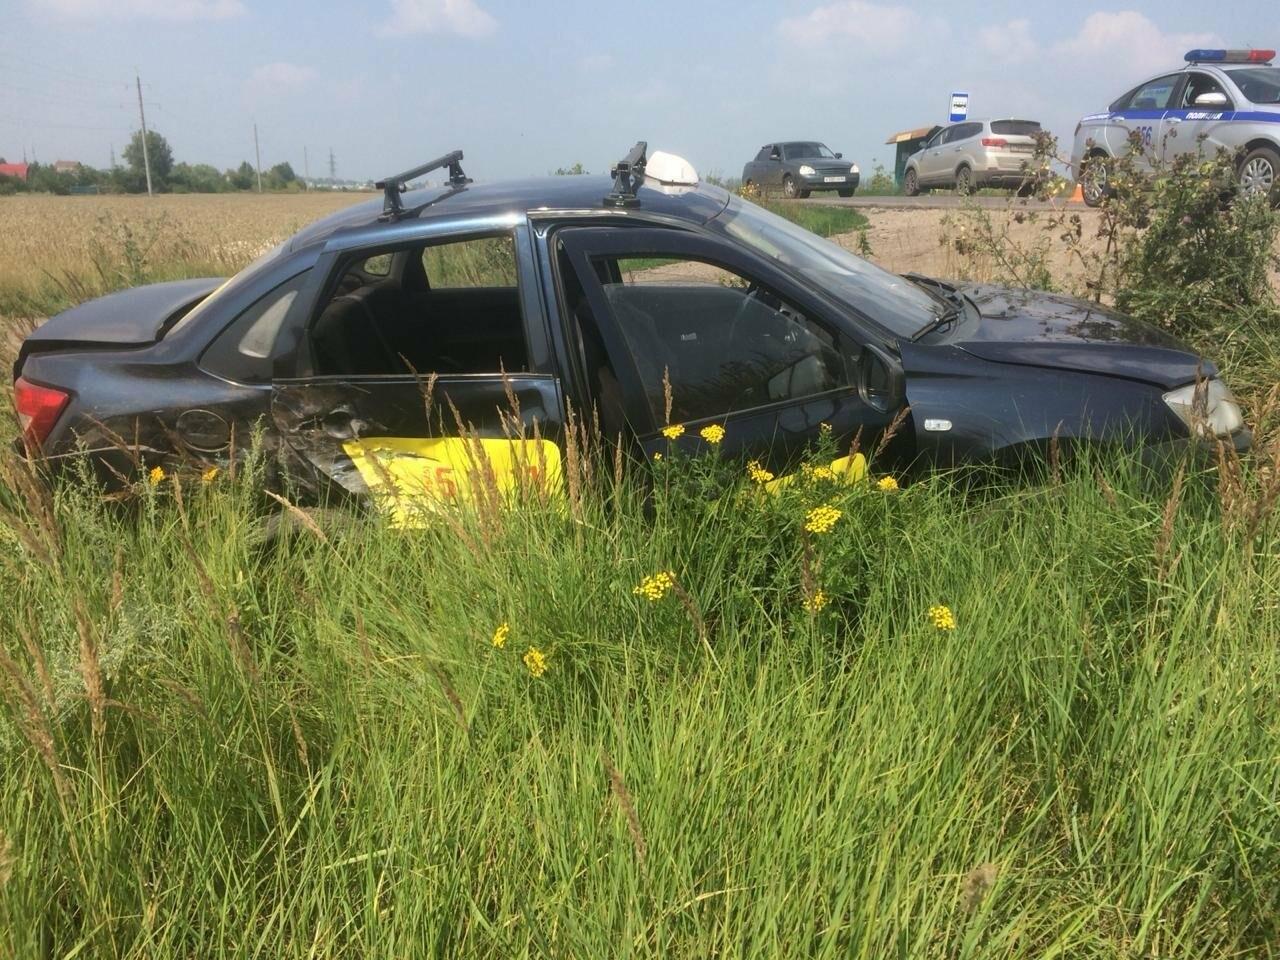 14 человек пострадали в ДТП на дорогах Тамбовской области за выходные, фото-3